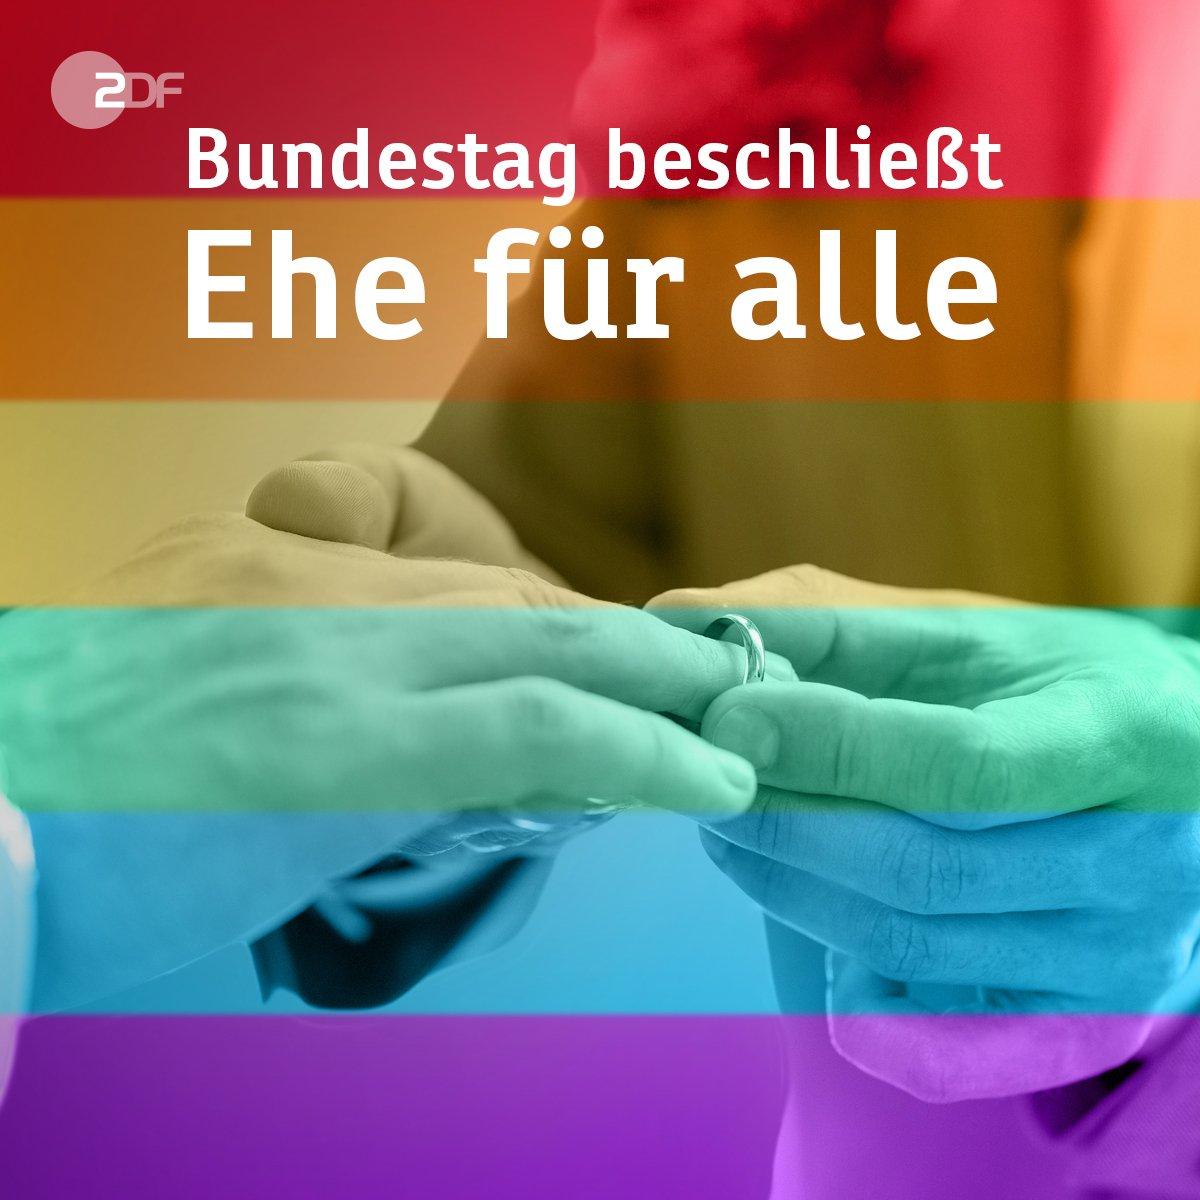 #Ehefueralle: Historische Entscheidung im #Bundestag: